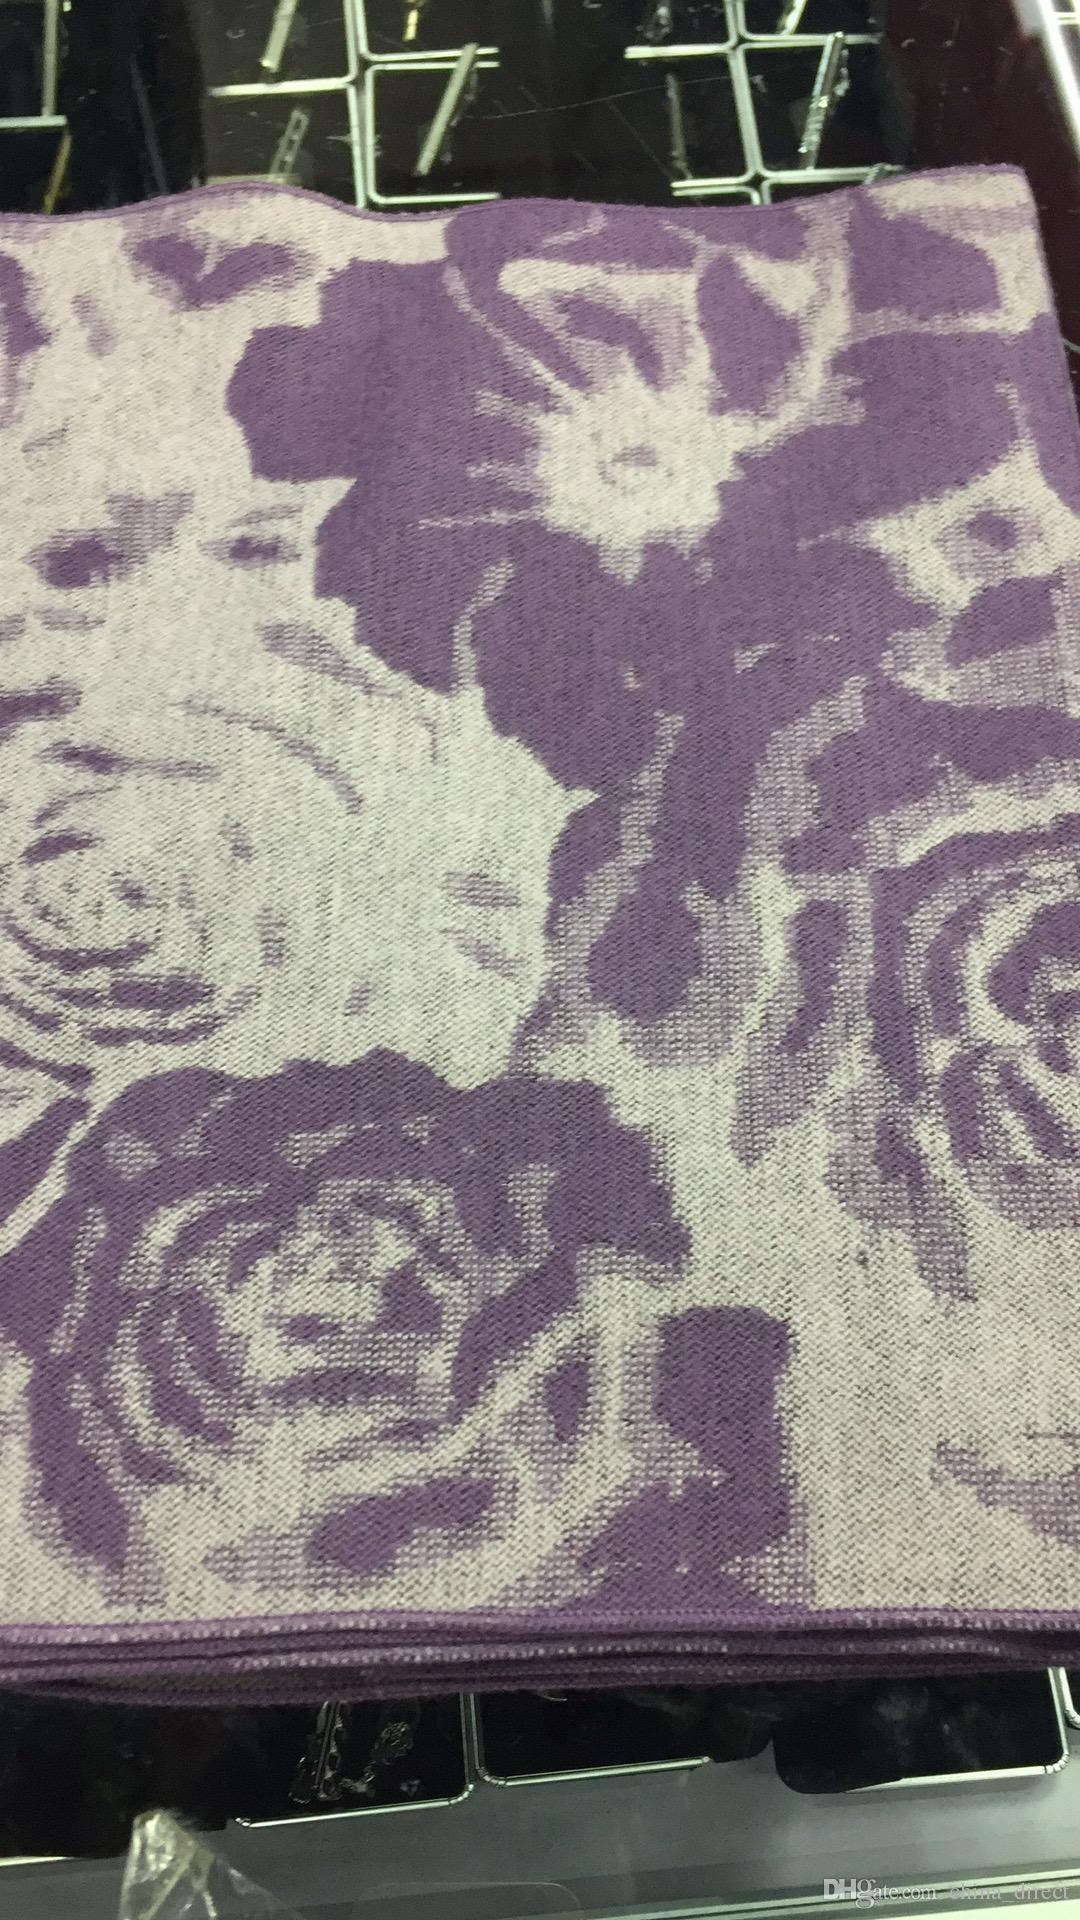 Szaliki męskie szaliki szyi szalik mody miękkie ciepłe 10 sztuk / partia # 1608